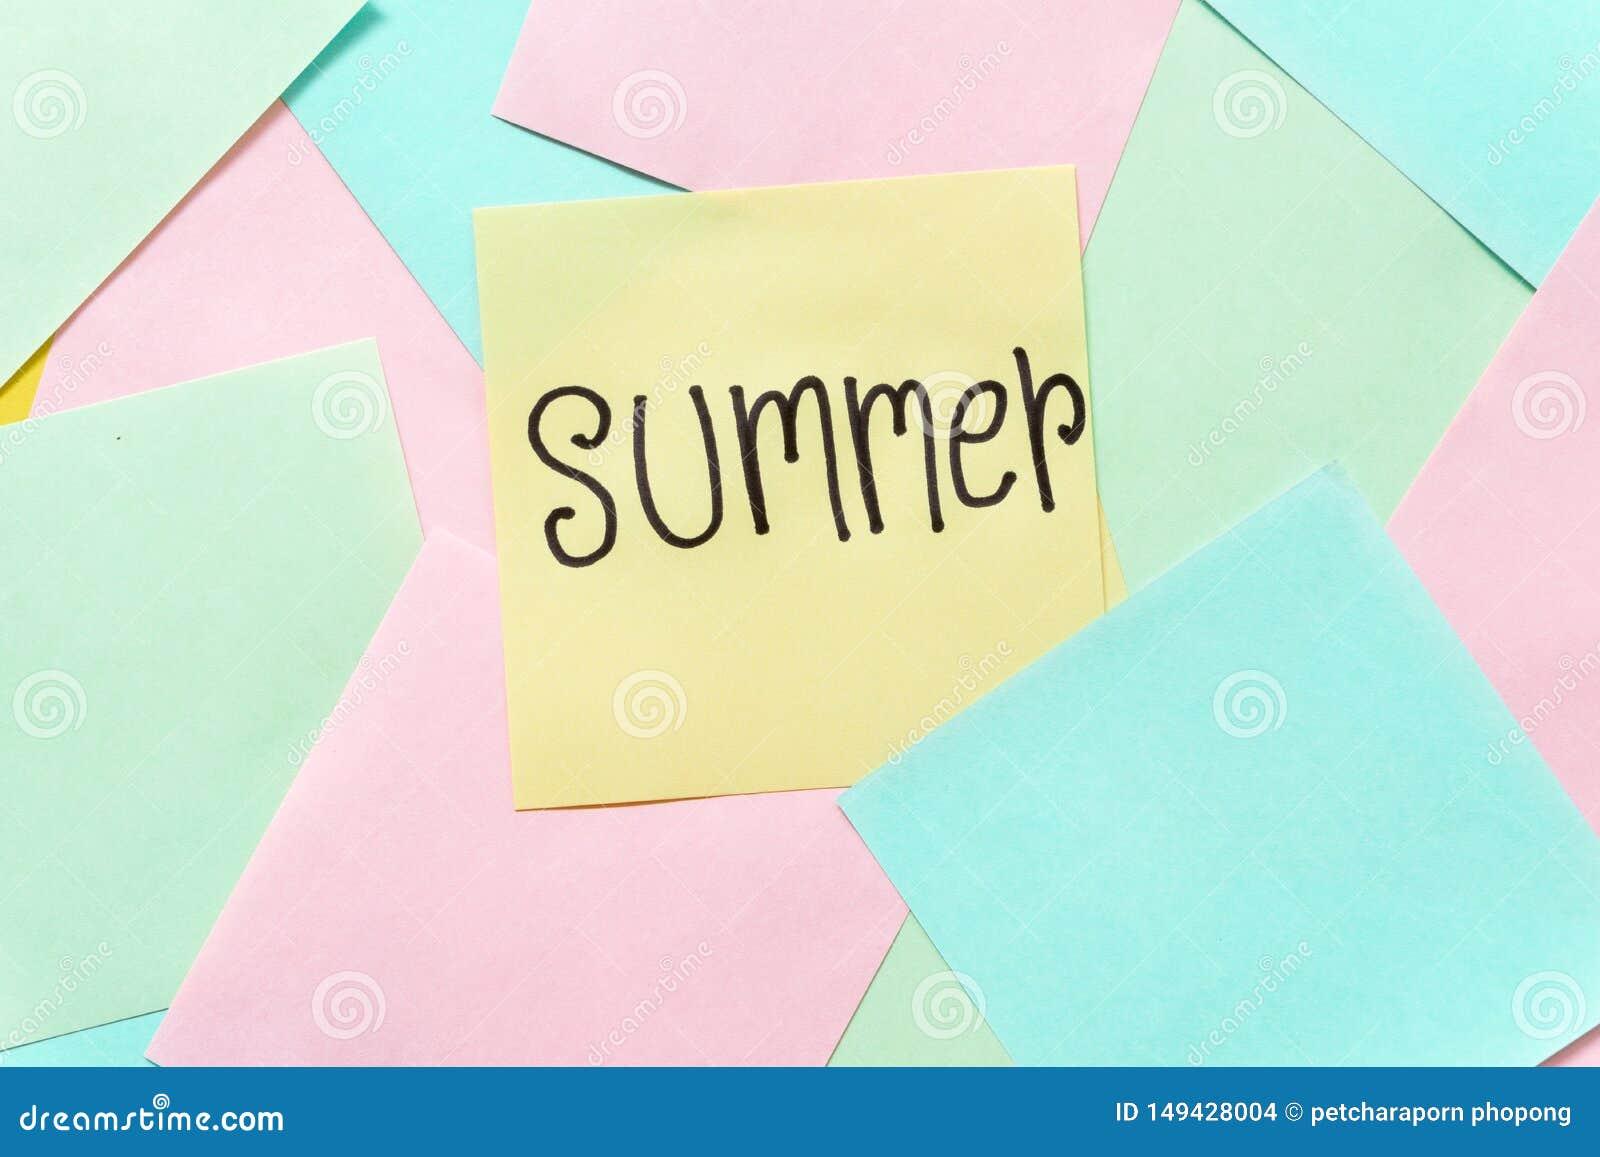 Notas pegajosas coloridas del verano sobre un espacio amarillo libre del fondo